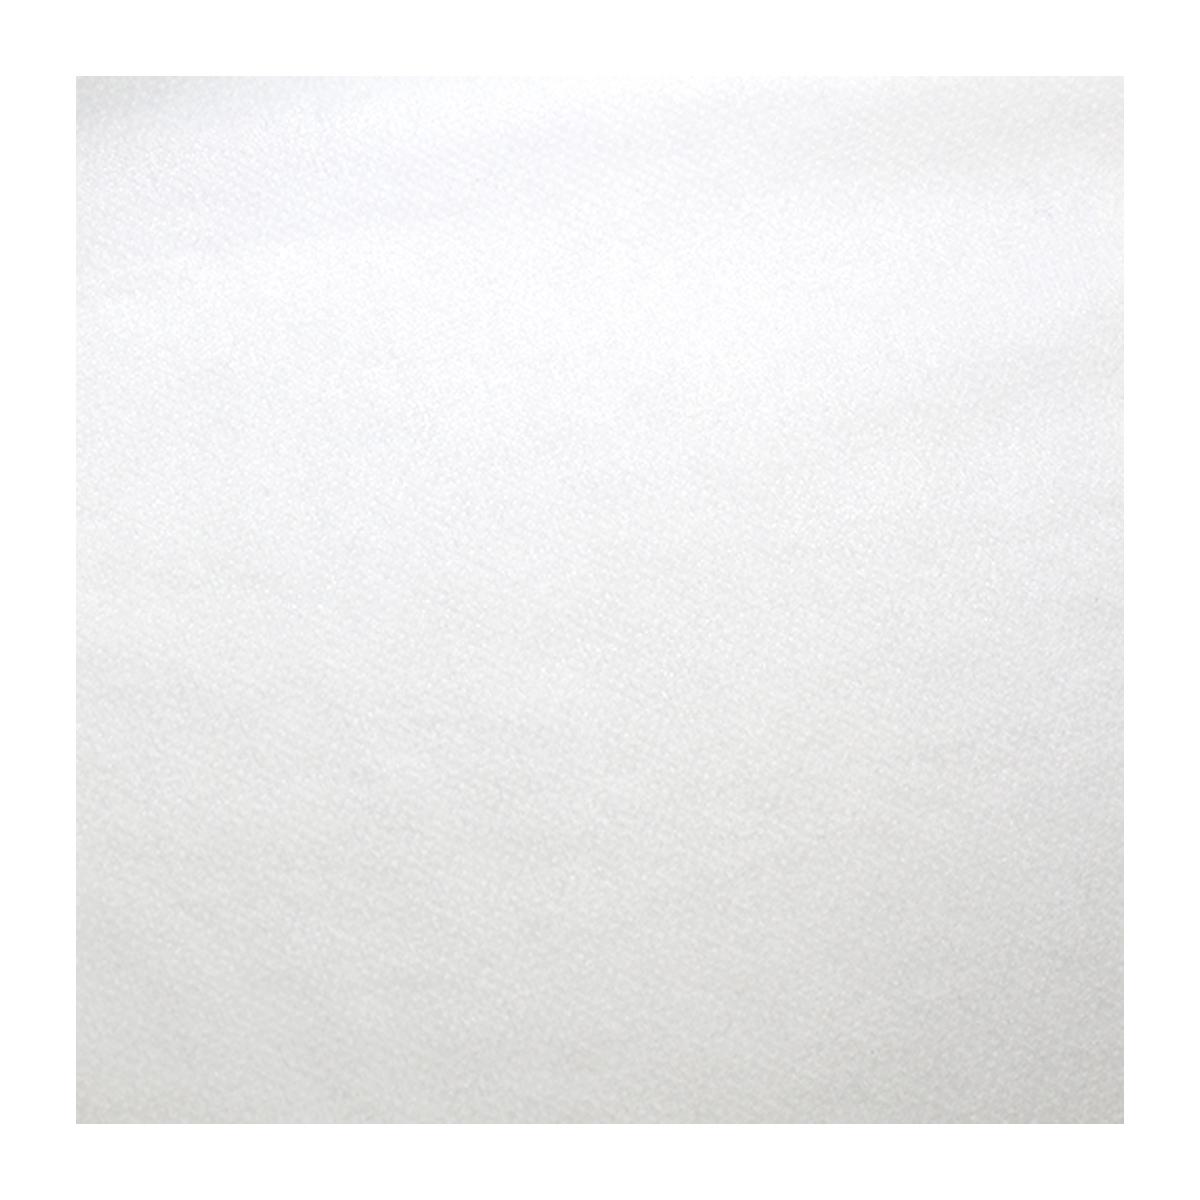 6403-0058 Флизелин белый точечный 35г/м 90см*100м